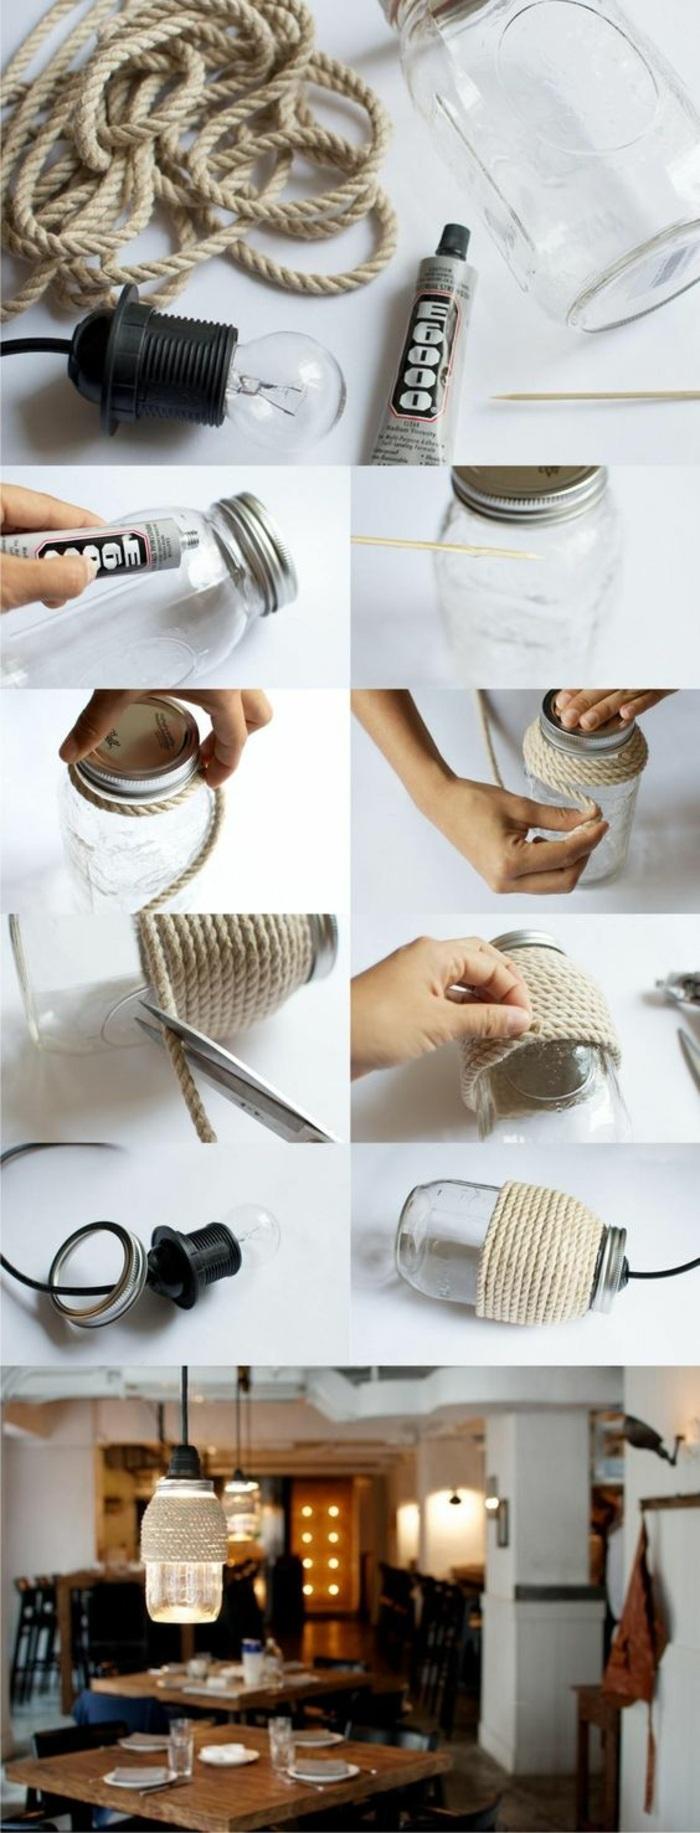 idea per realizzare degli oggetti fai da te semplici, una lampada creata con un vaso di vetro